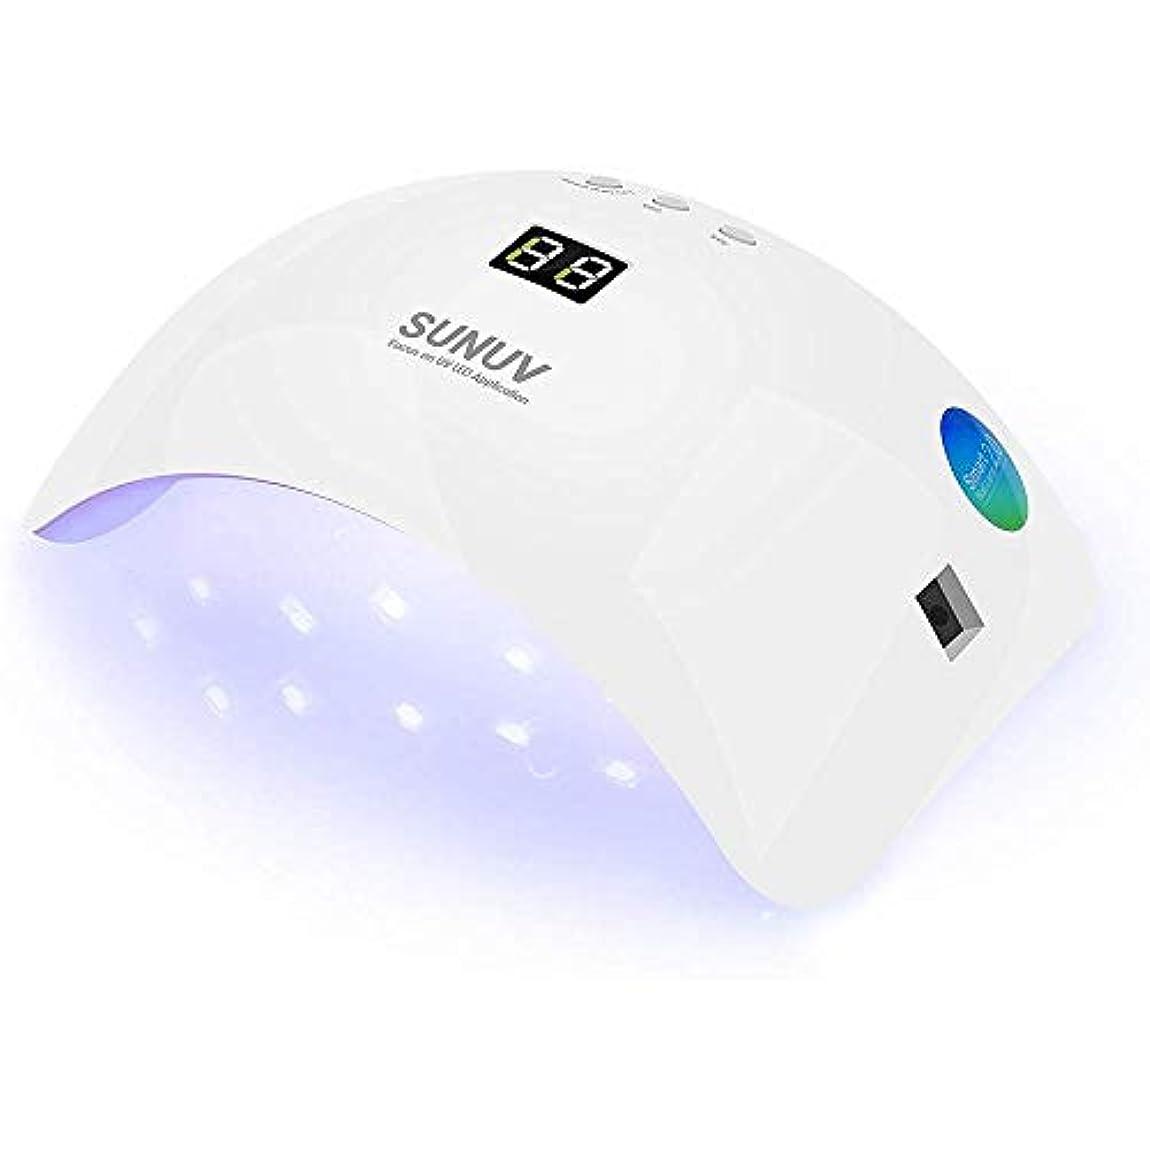 観客歩道イノセンス【最新型】【国内6ヶ月保証】Smart Nail Lamp 2.0 48W【ジェルネイルレジン用ライト】